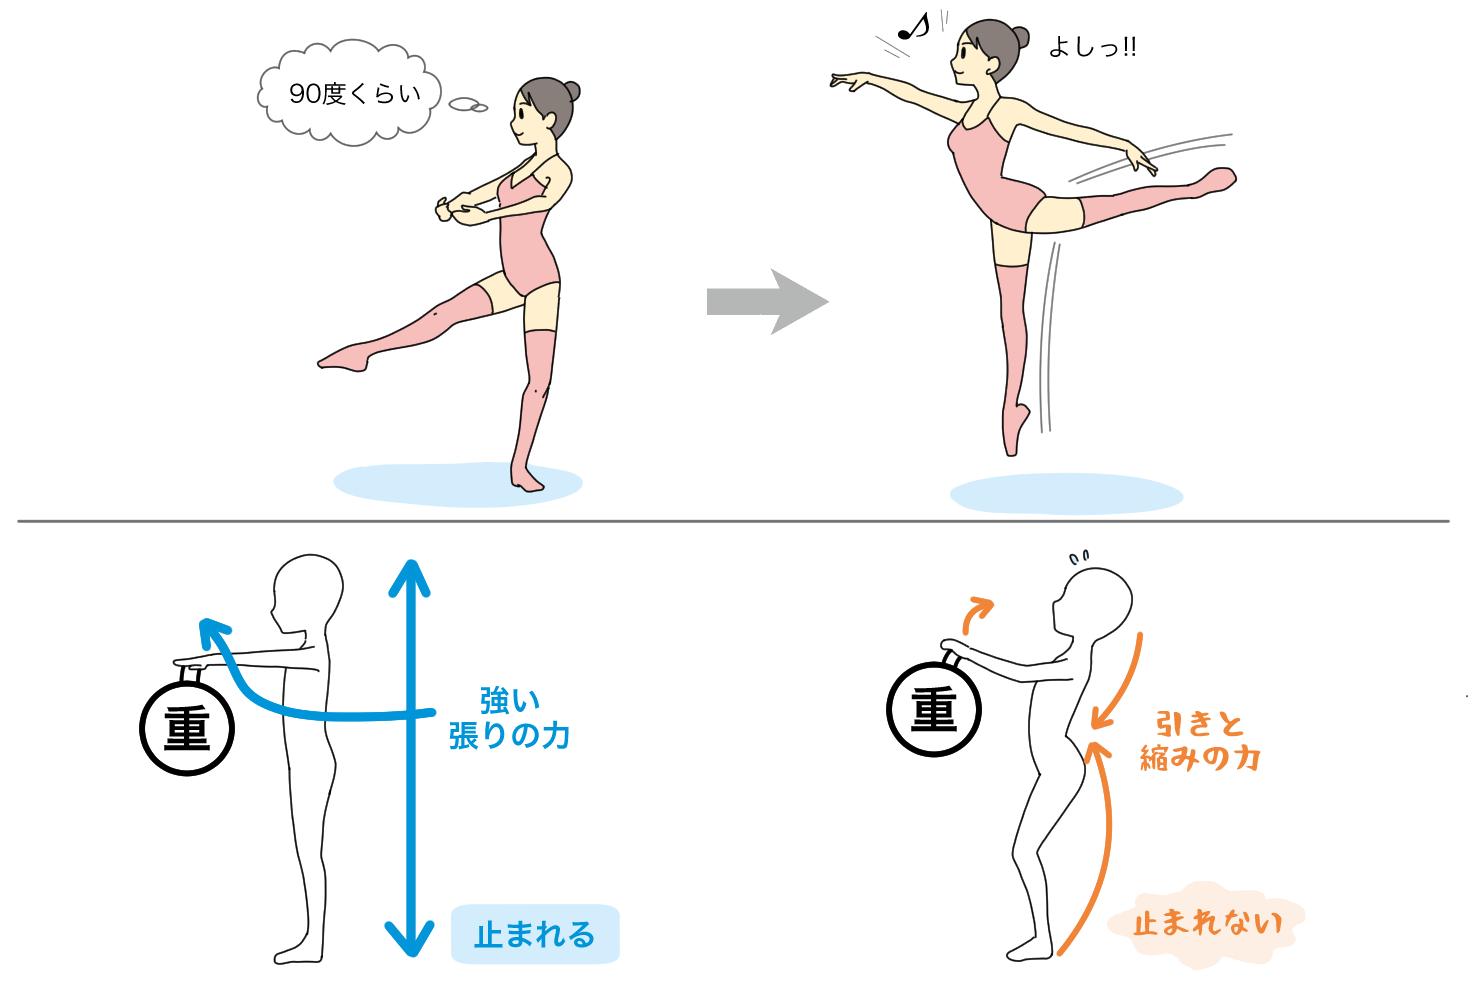 dancecube58イラスト 3.png